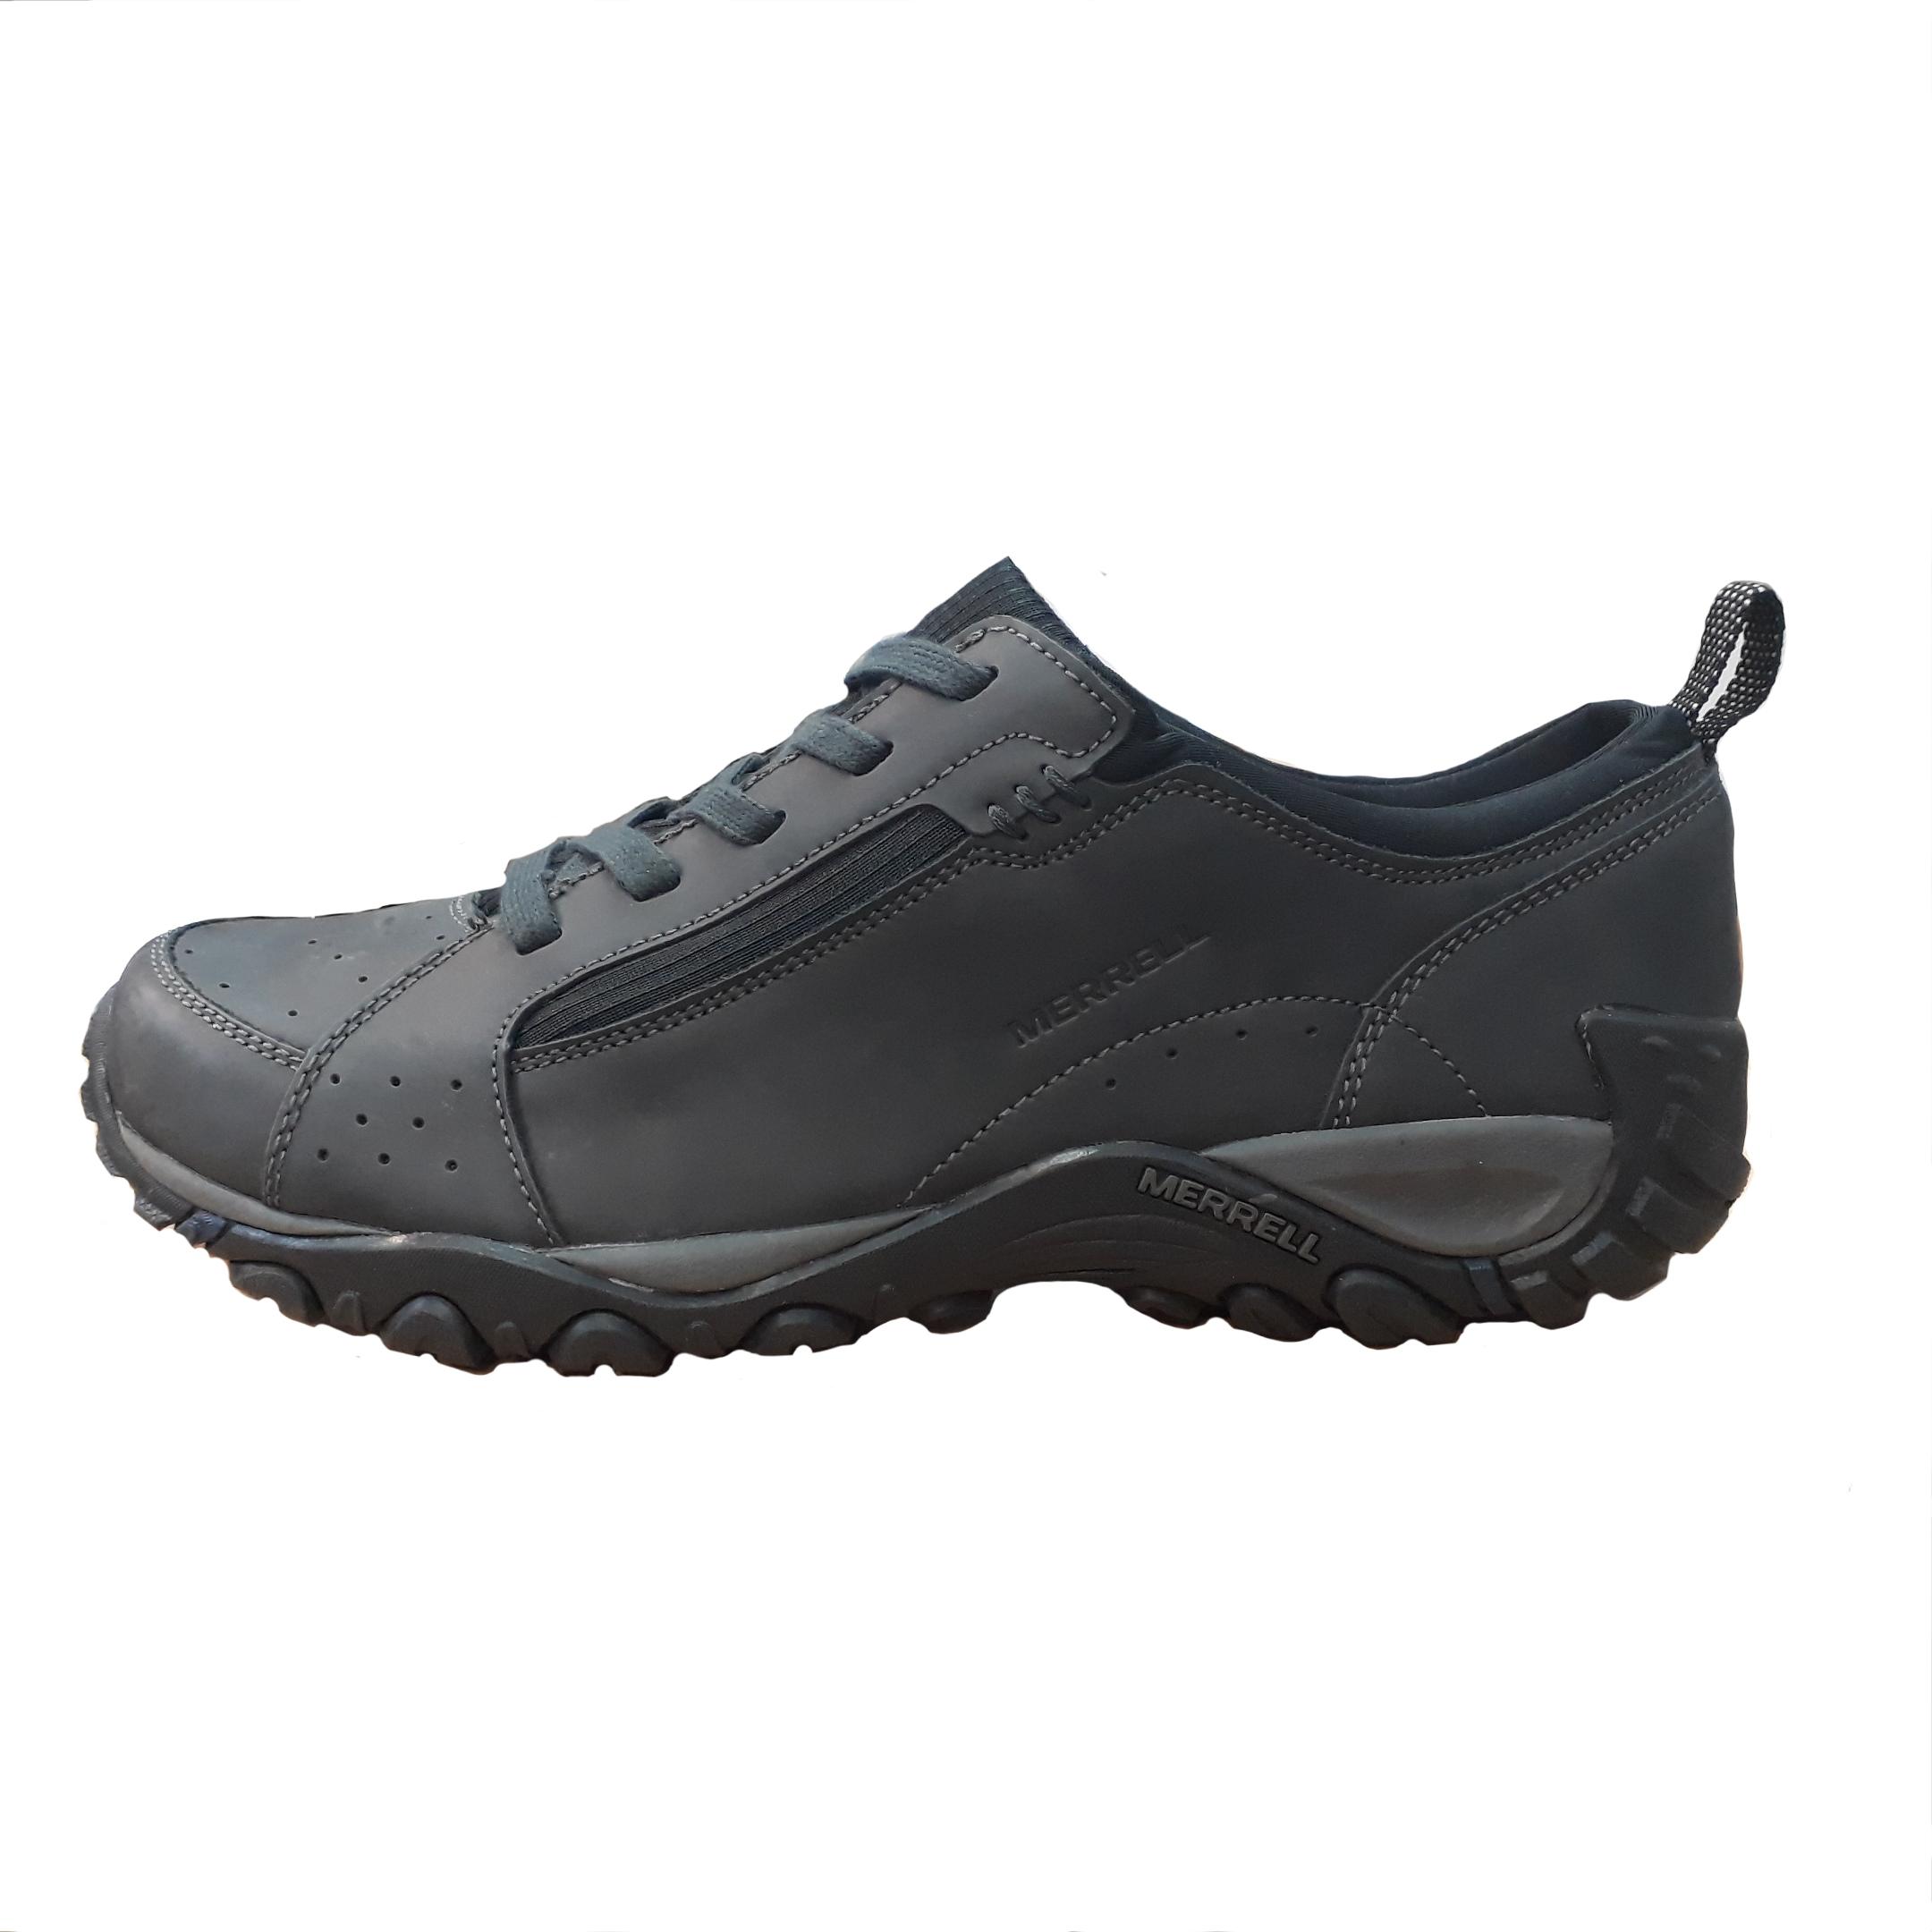 قیمت کفش مخصوص کوهنوردی مردانه مرل مدل M 2